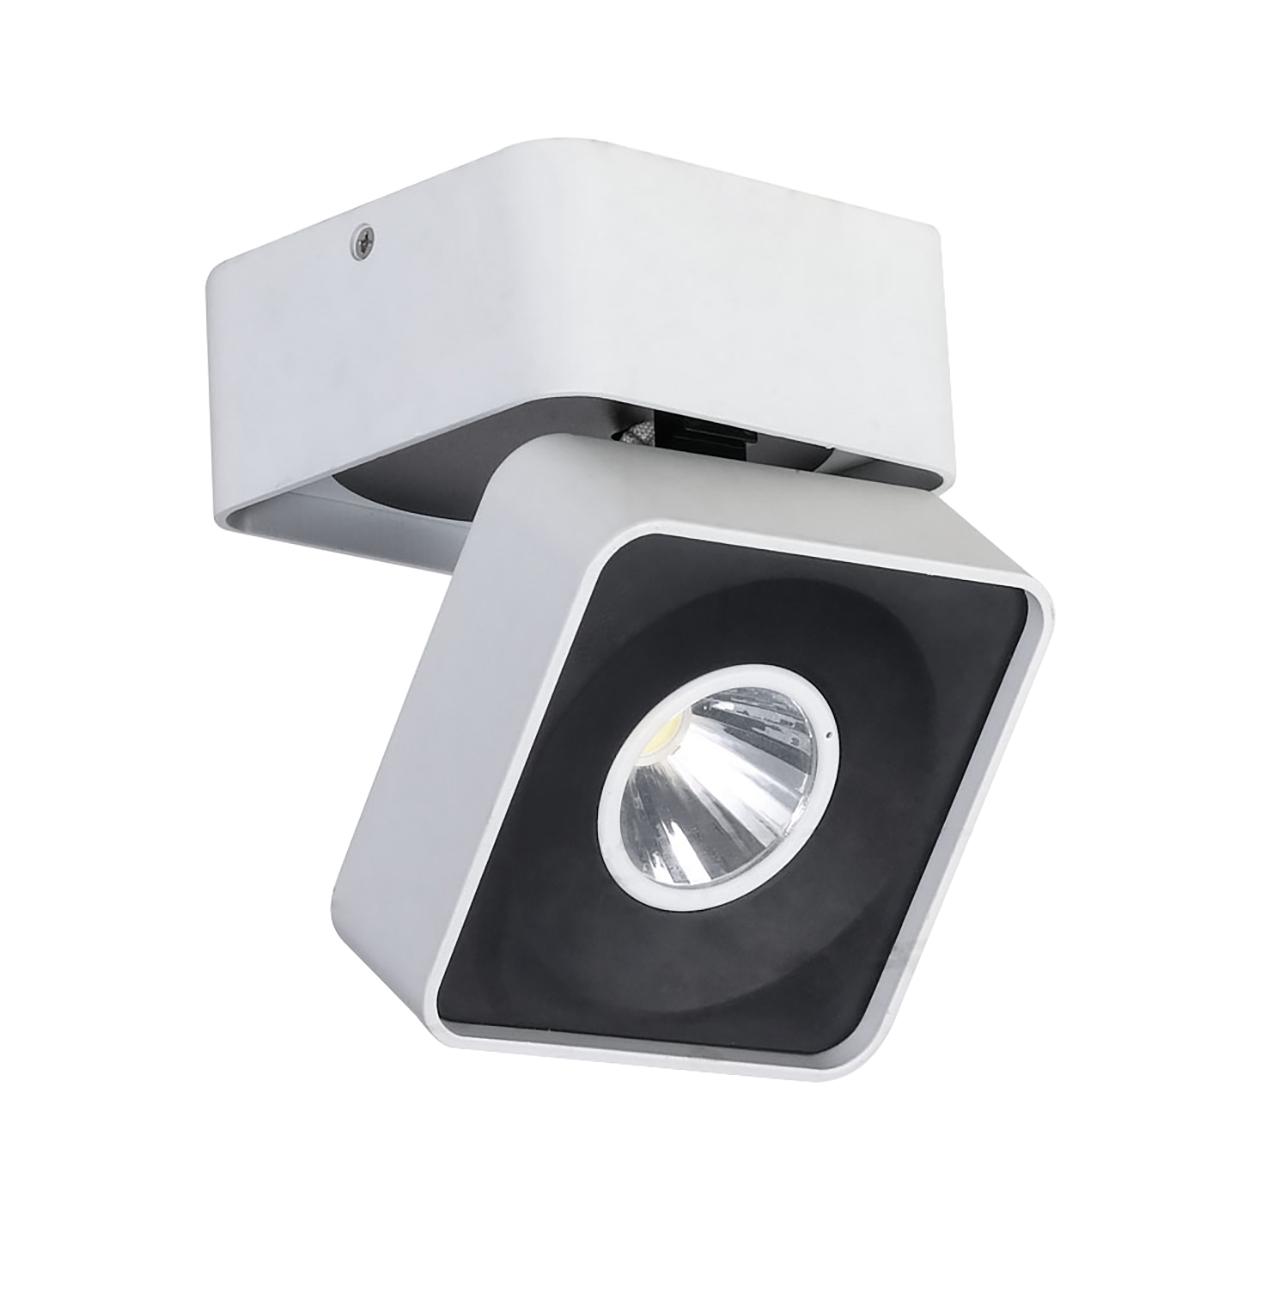 Светильник De markt 637016801 1/23w led светильник de markt 813010401